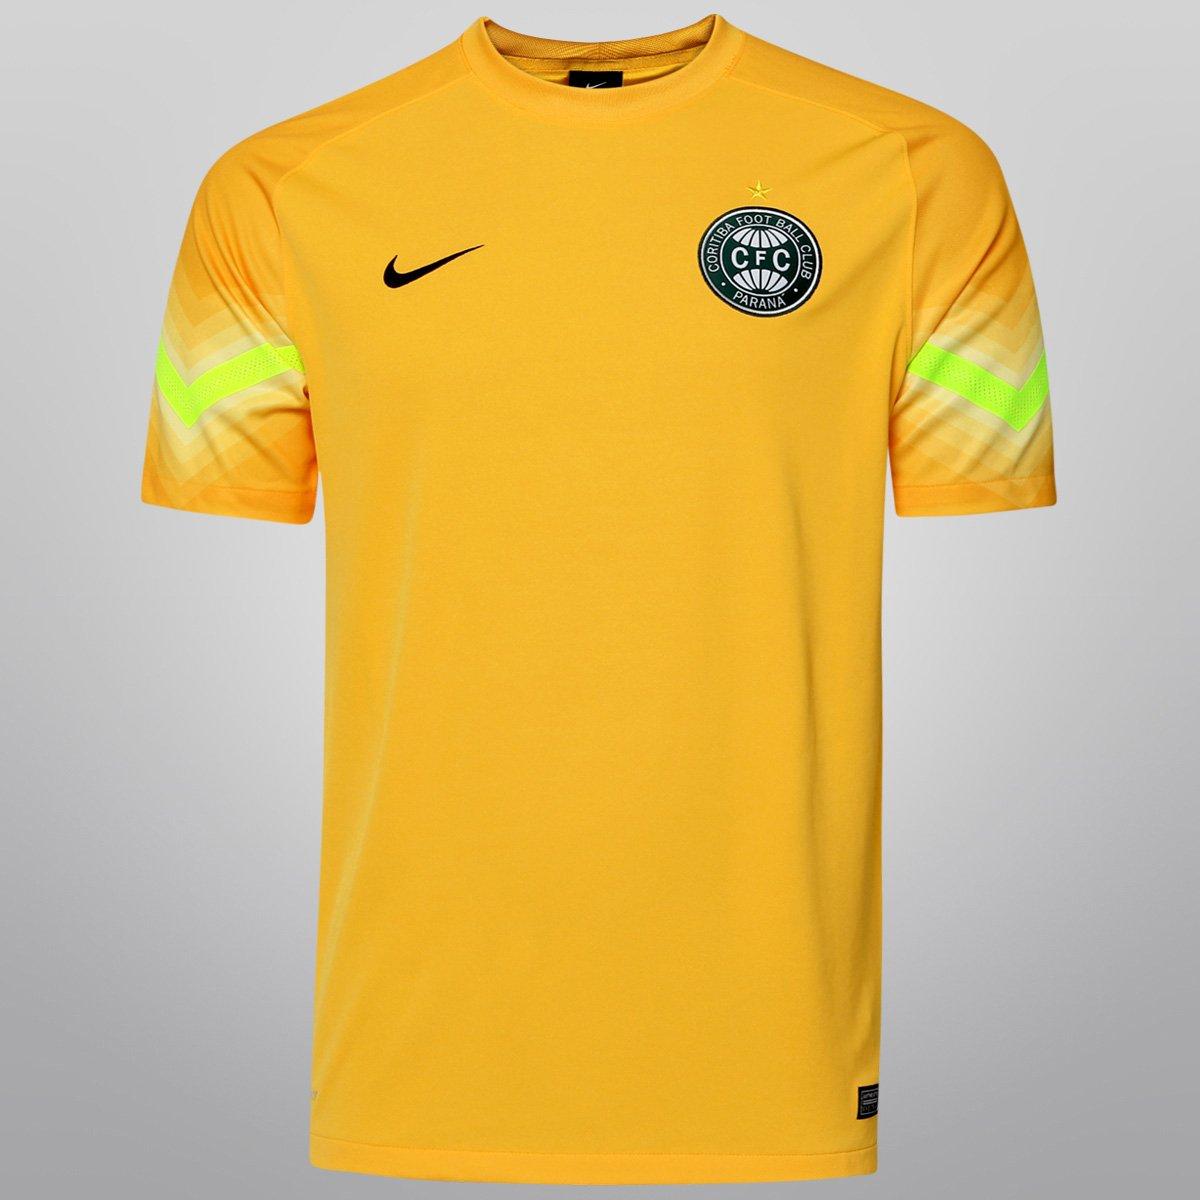 bd7b957222 Camisa Nike Coritiba Goleiro 2015 - Compre Agora